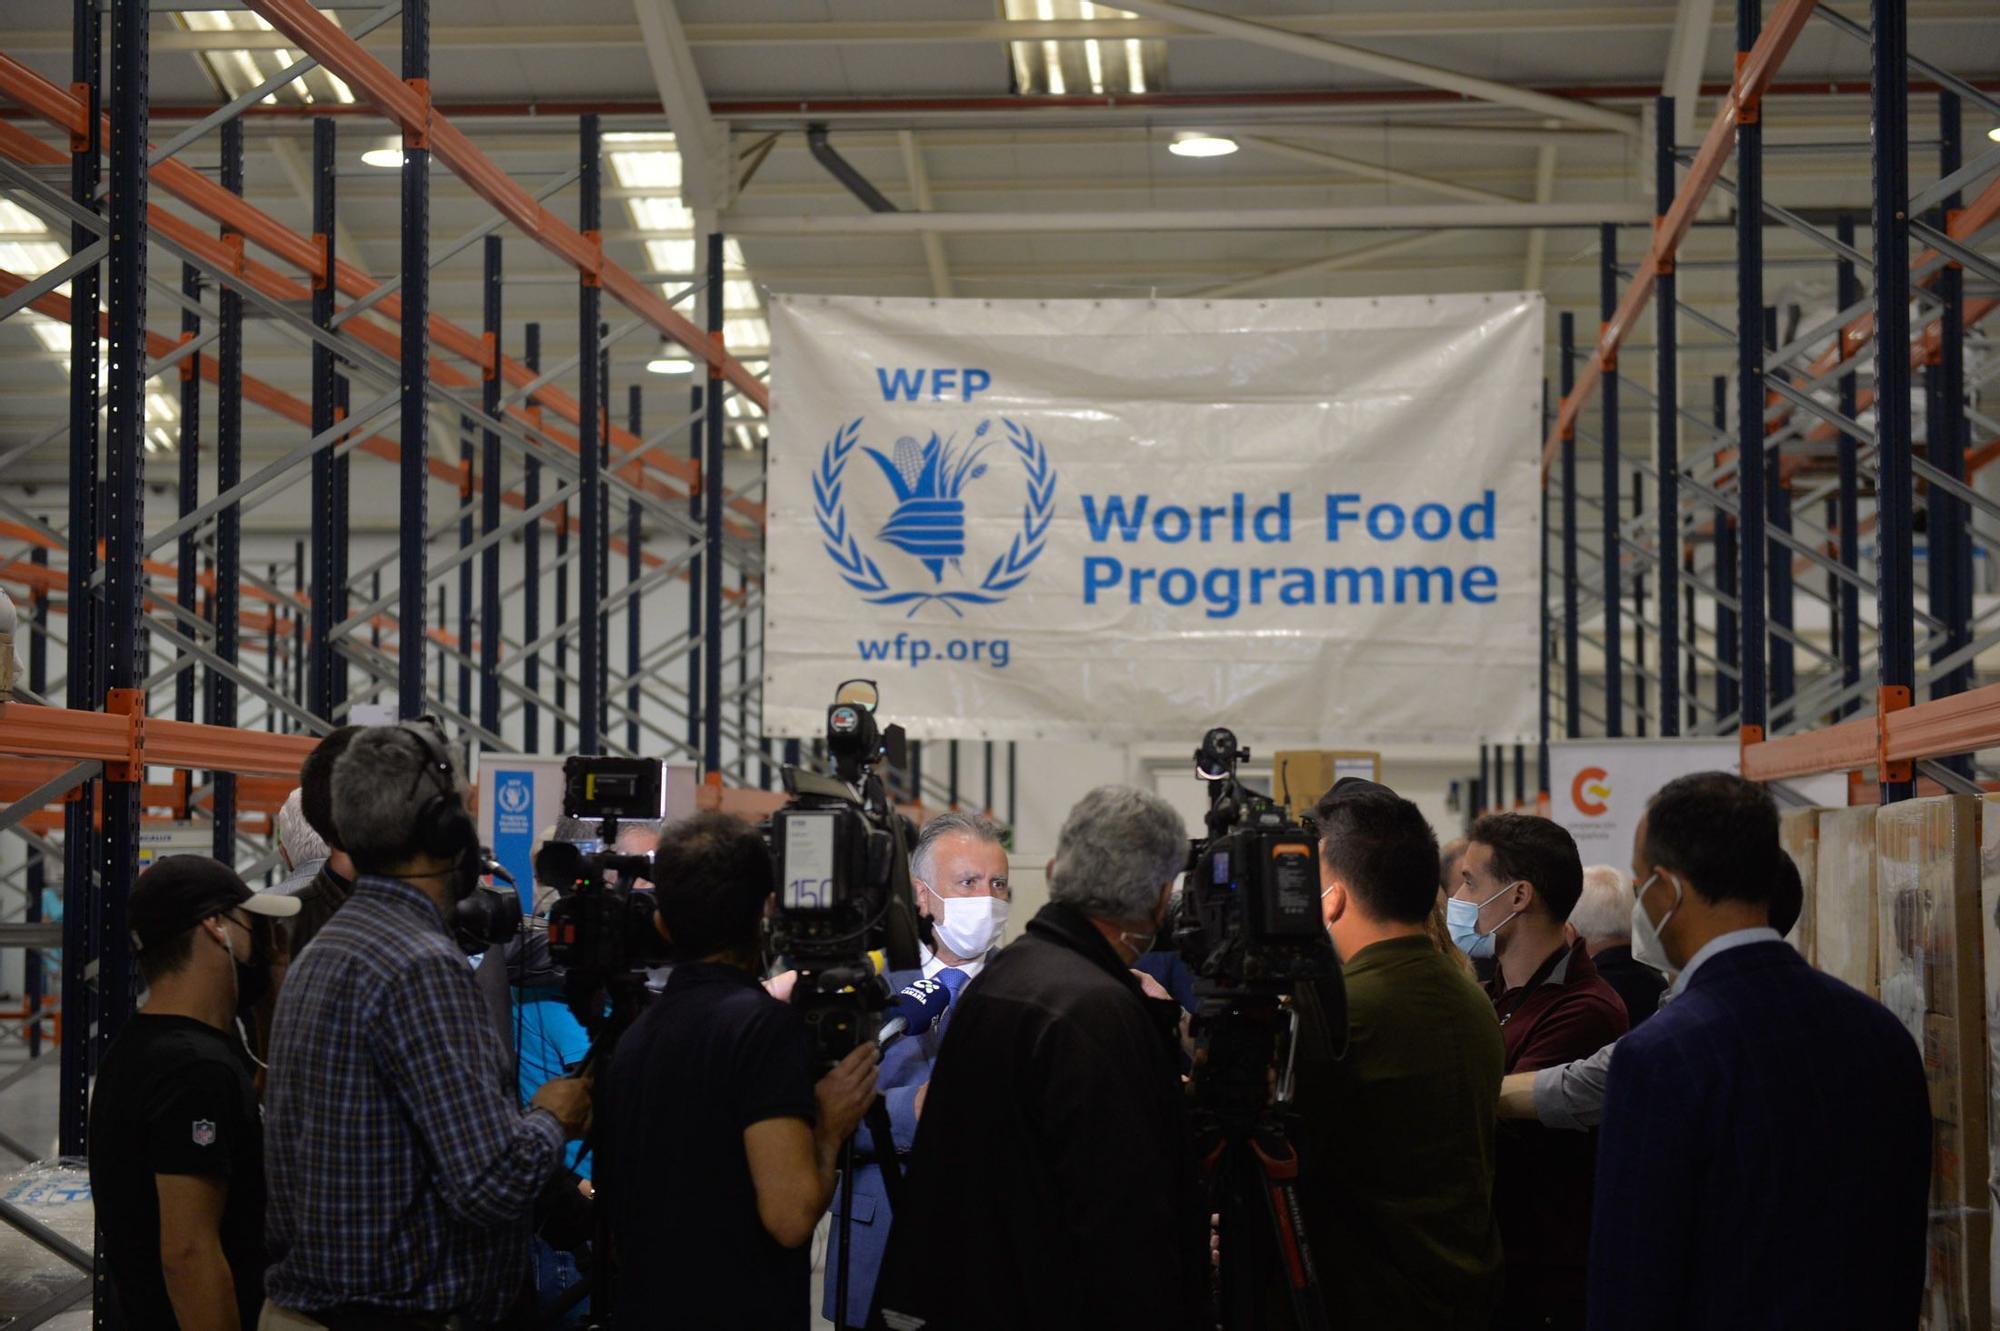 Visita a la base del Programa Mundial de Alimentos